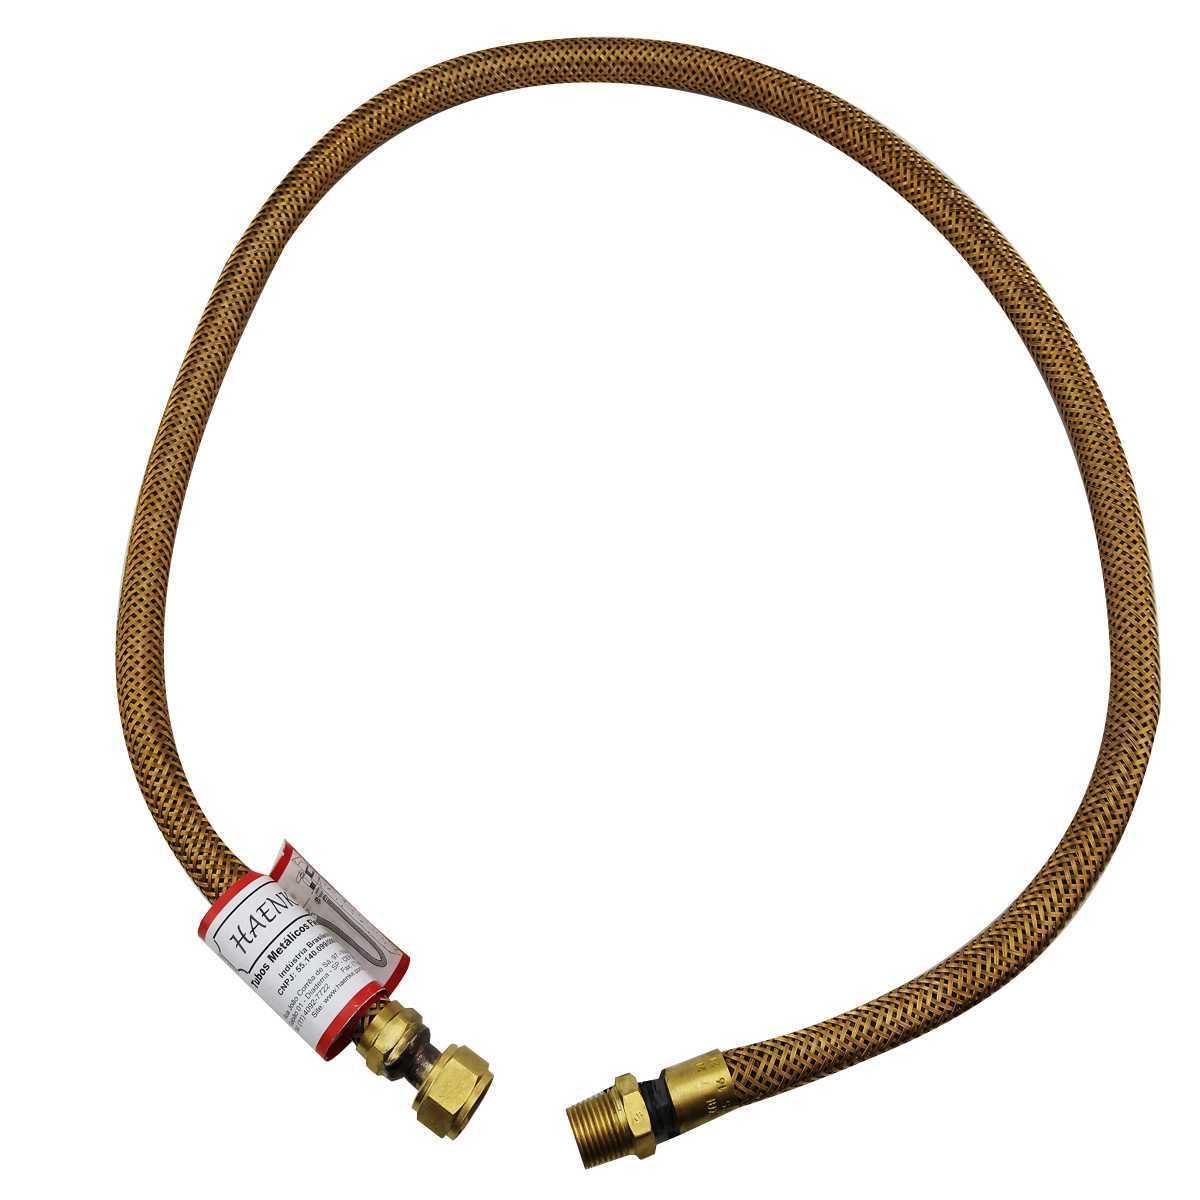 Flexivel para fogão dourado 80CM 1/2 NPT X NPTF